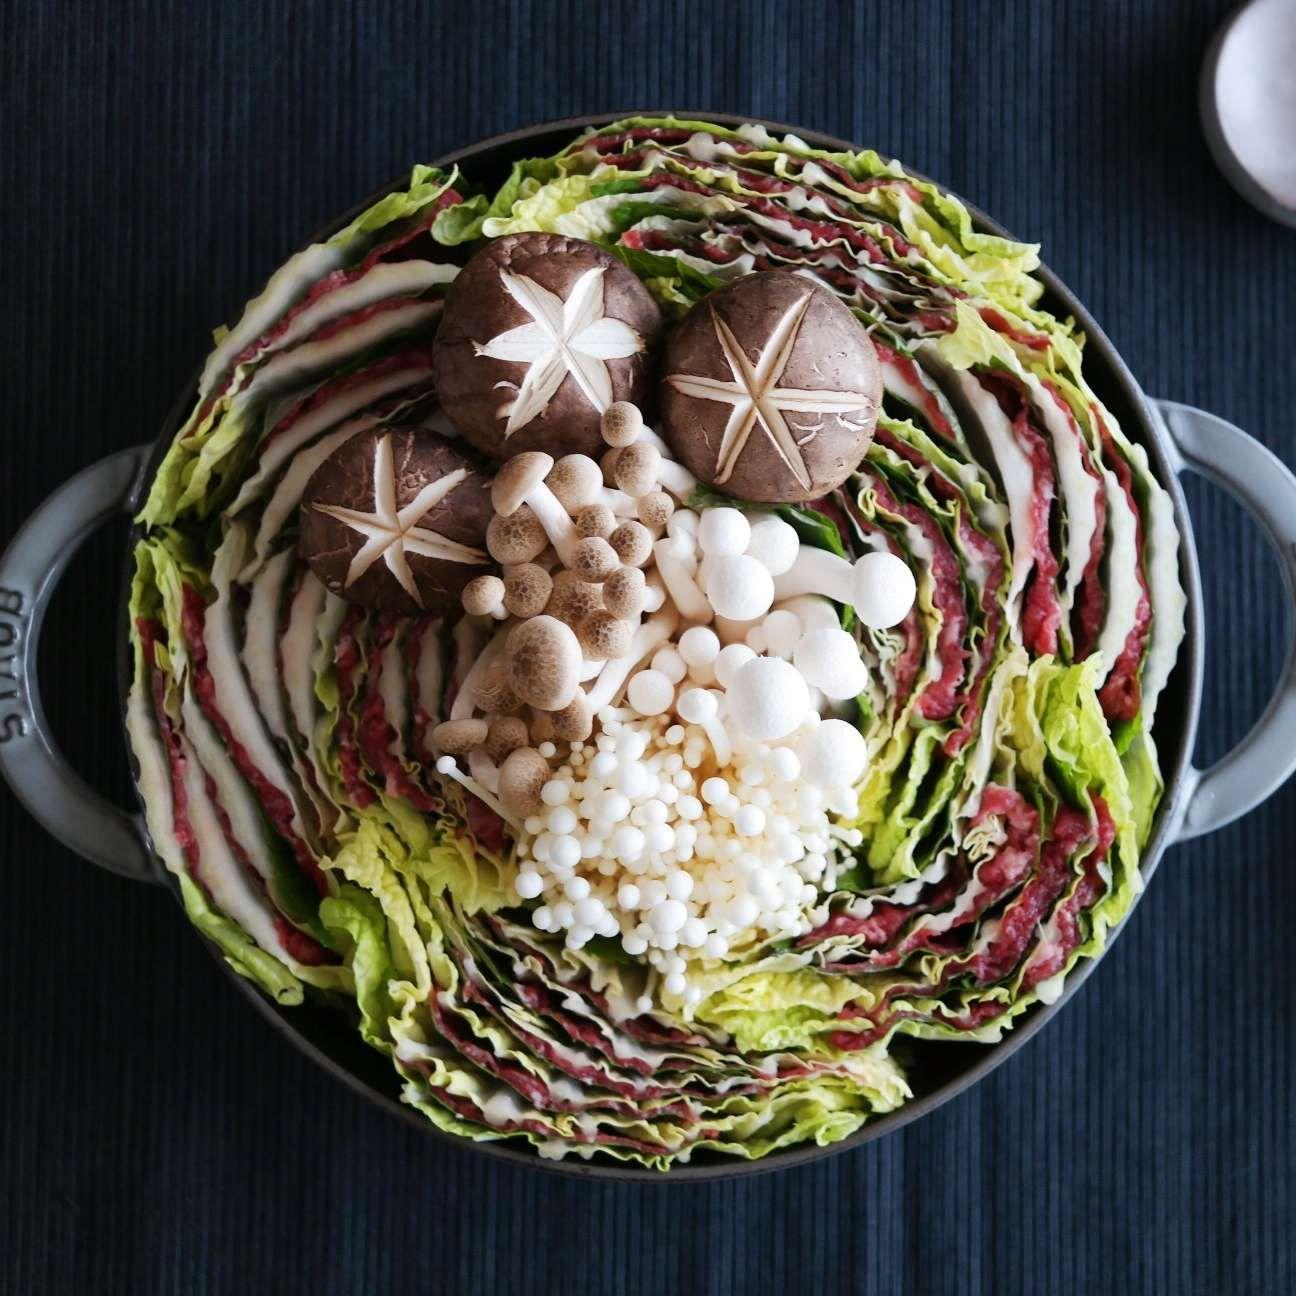 밀푀유나베 요리법 식품 아이디어 케이터링 음식 음식